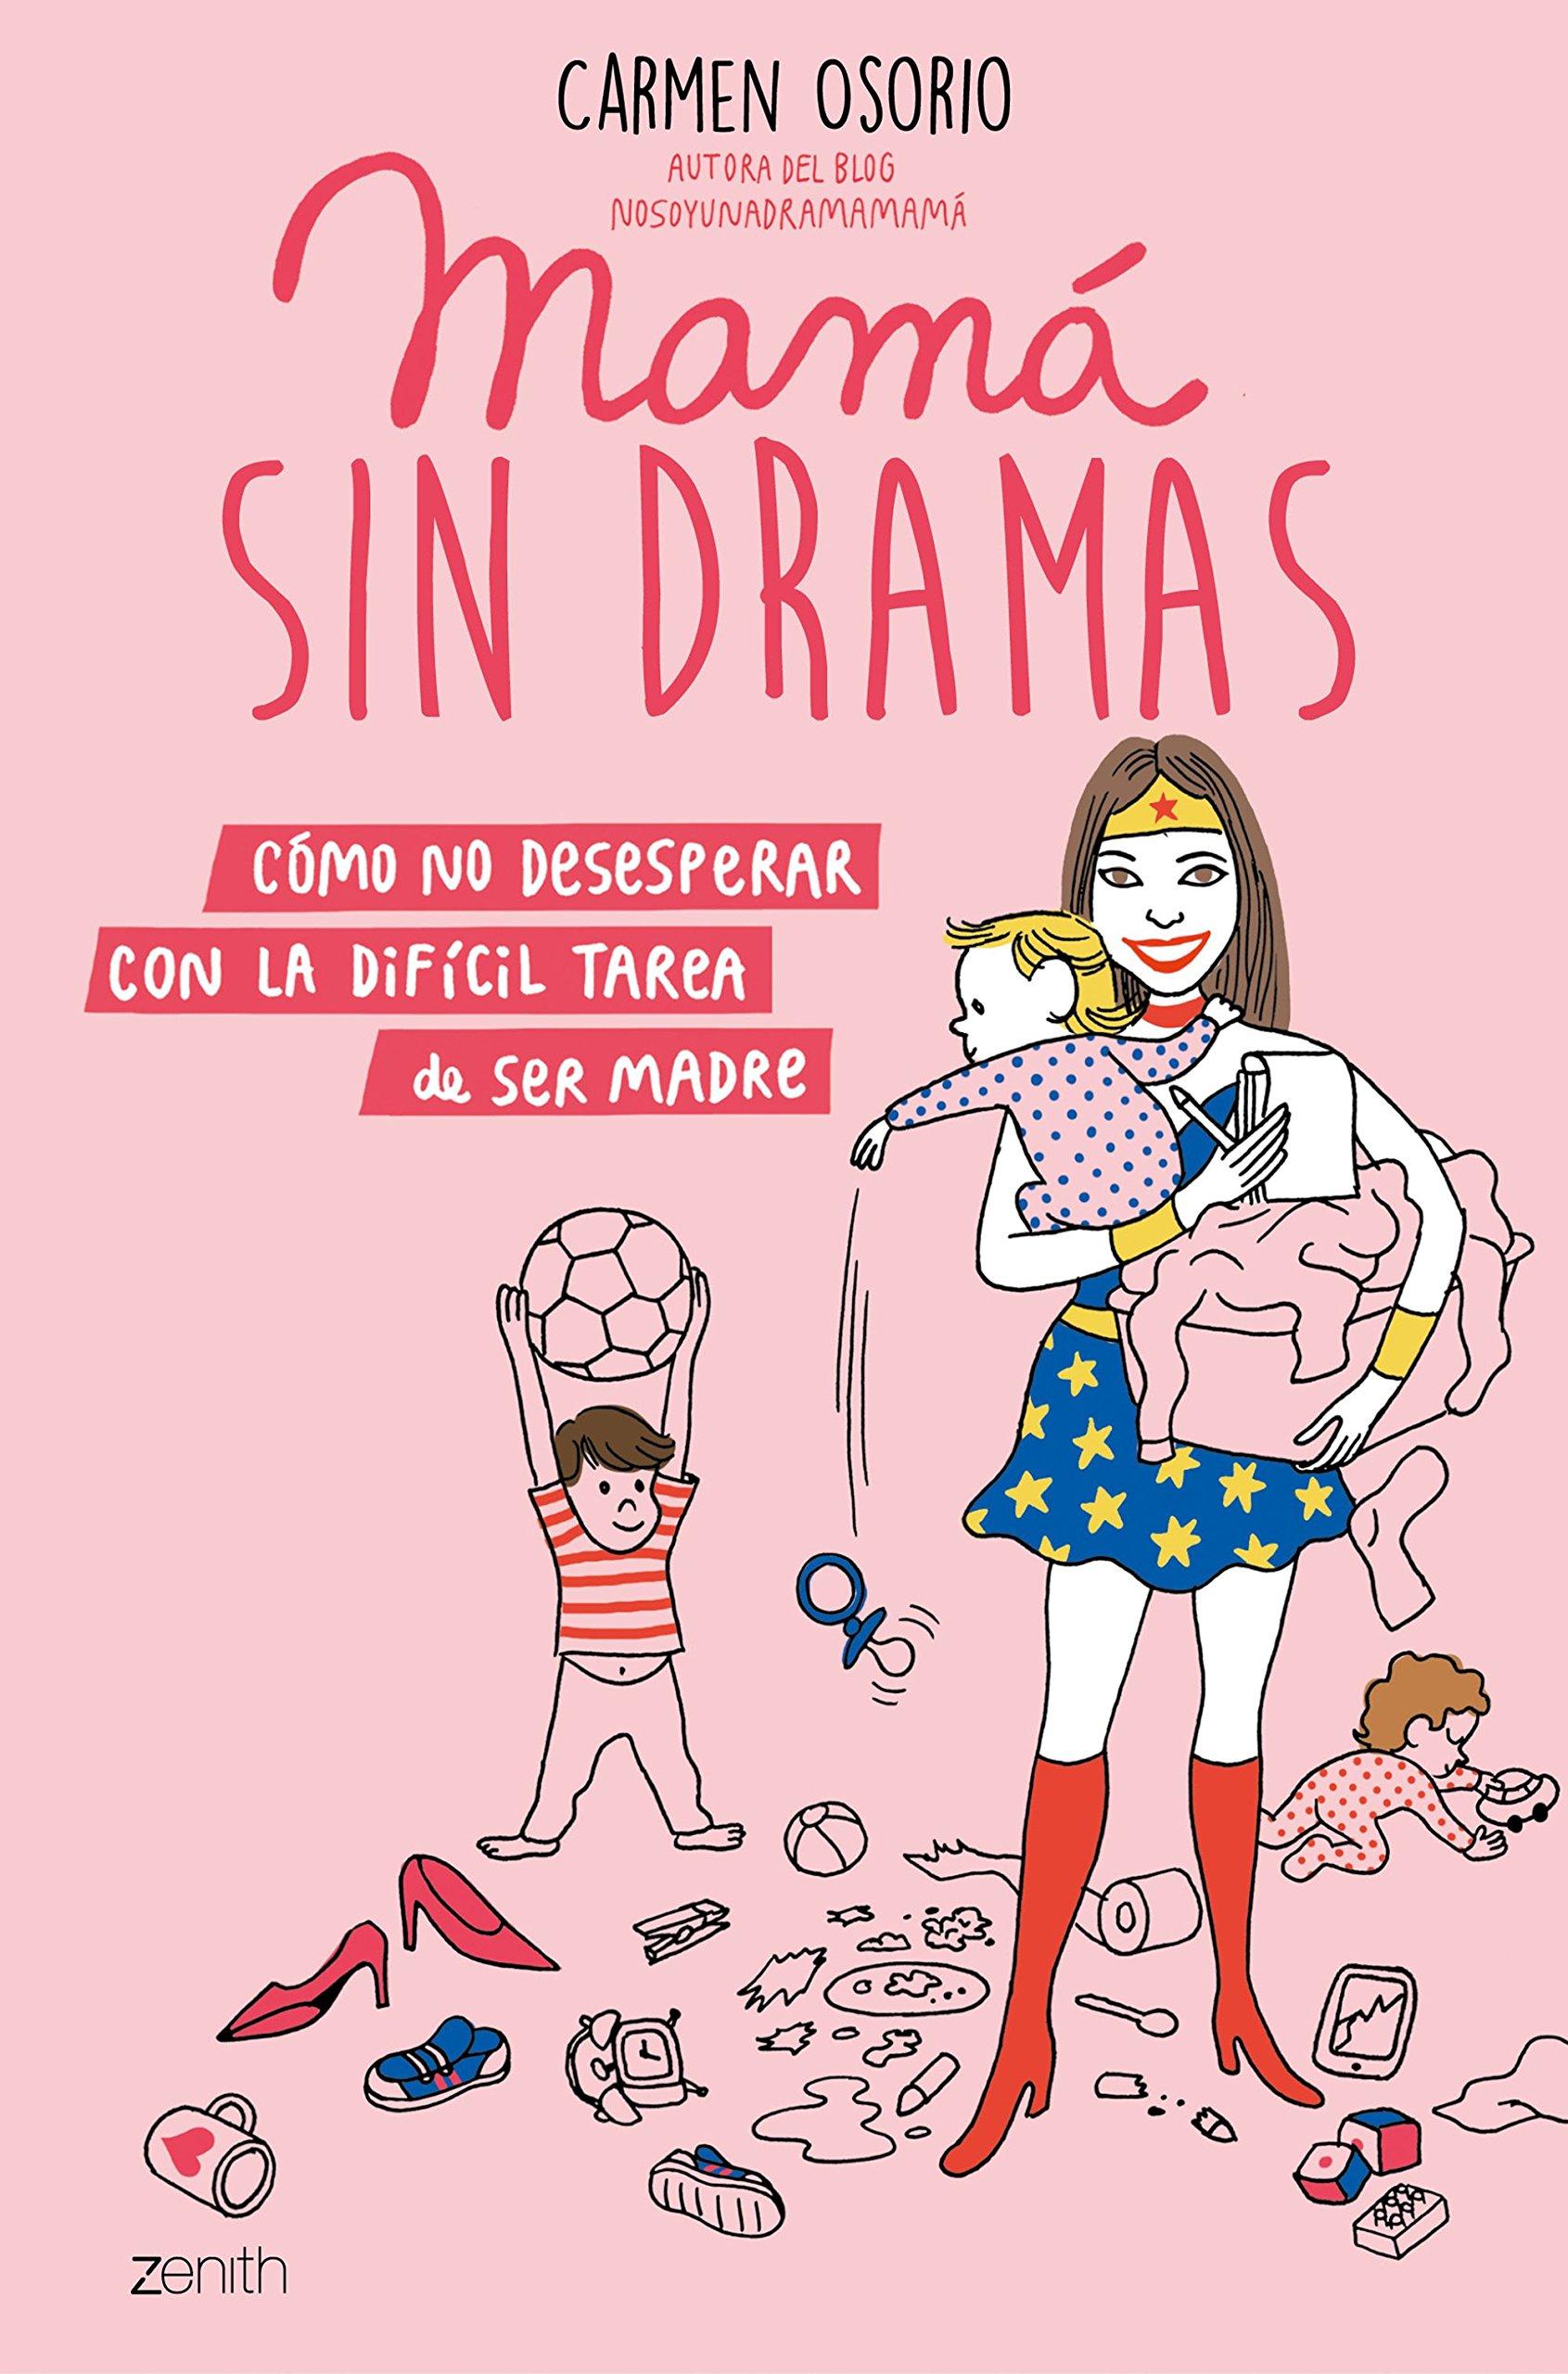 Mamá sin dramas: Cómo no desesperar con la difícil tarea de ser madre (Superpapás) Tapa blanda – 13 sep 2018 Carmen Osorio Zenith 8408193376 Advice on parenting